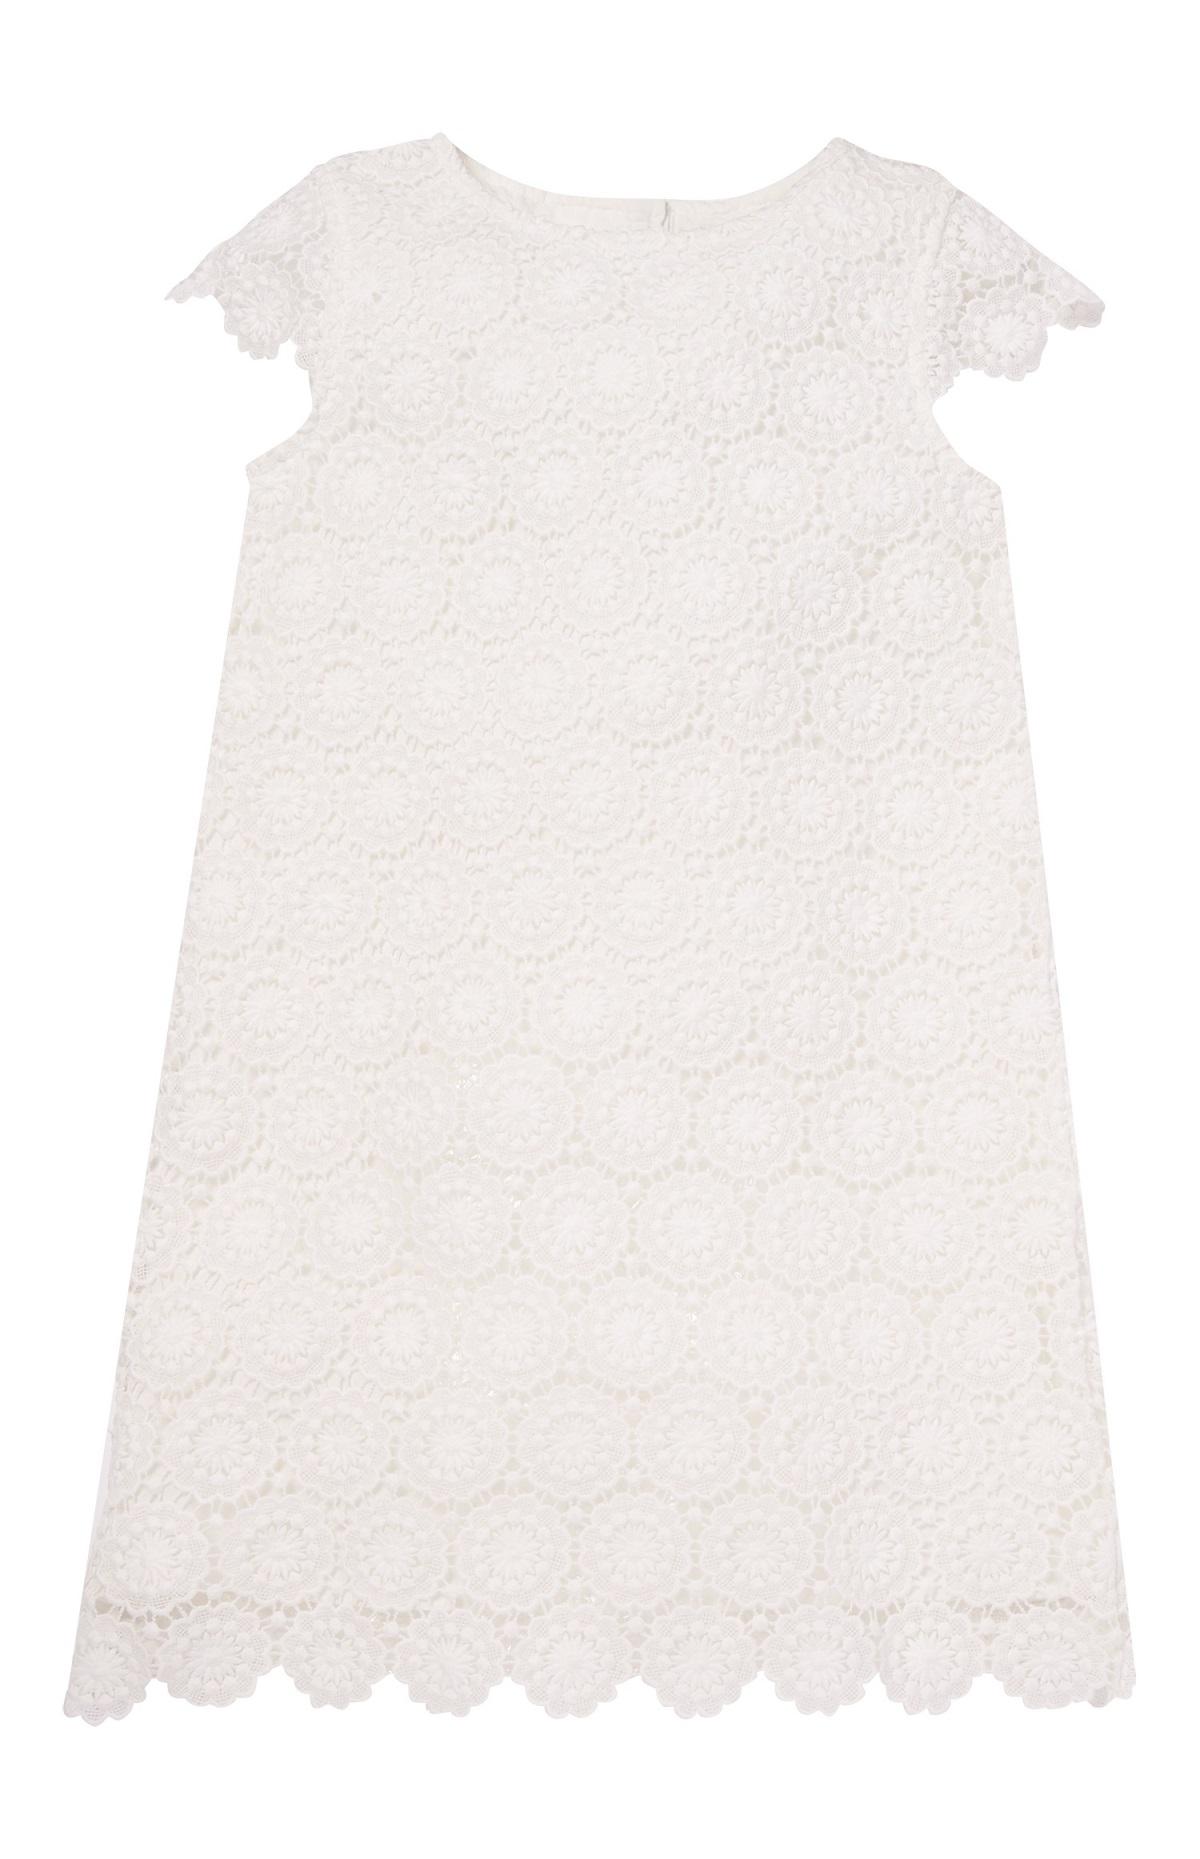 920ef2659 Para que pueda ir con un marcado estilo infantil femenino a la par que  elegante y siguiendo las tendencias del momento en moda